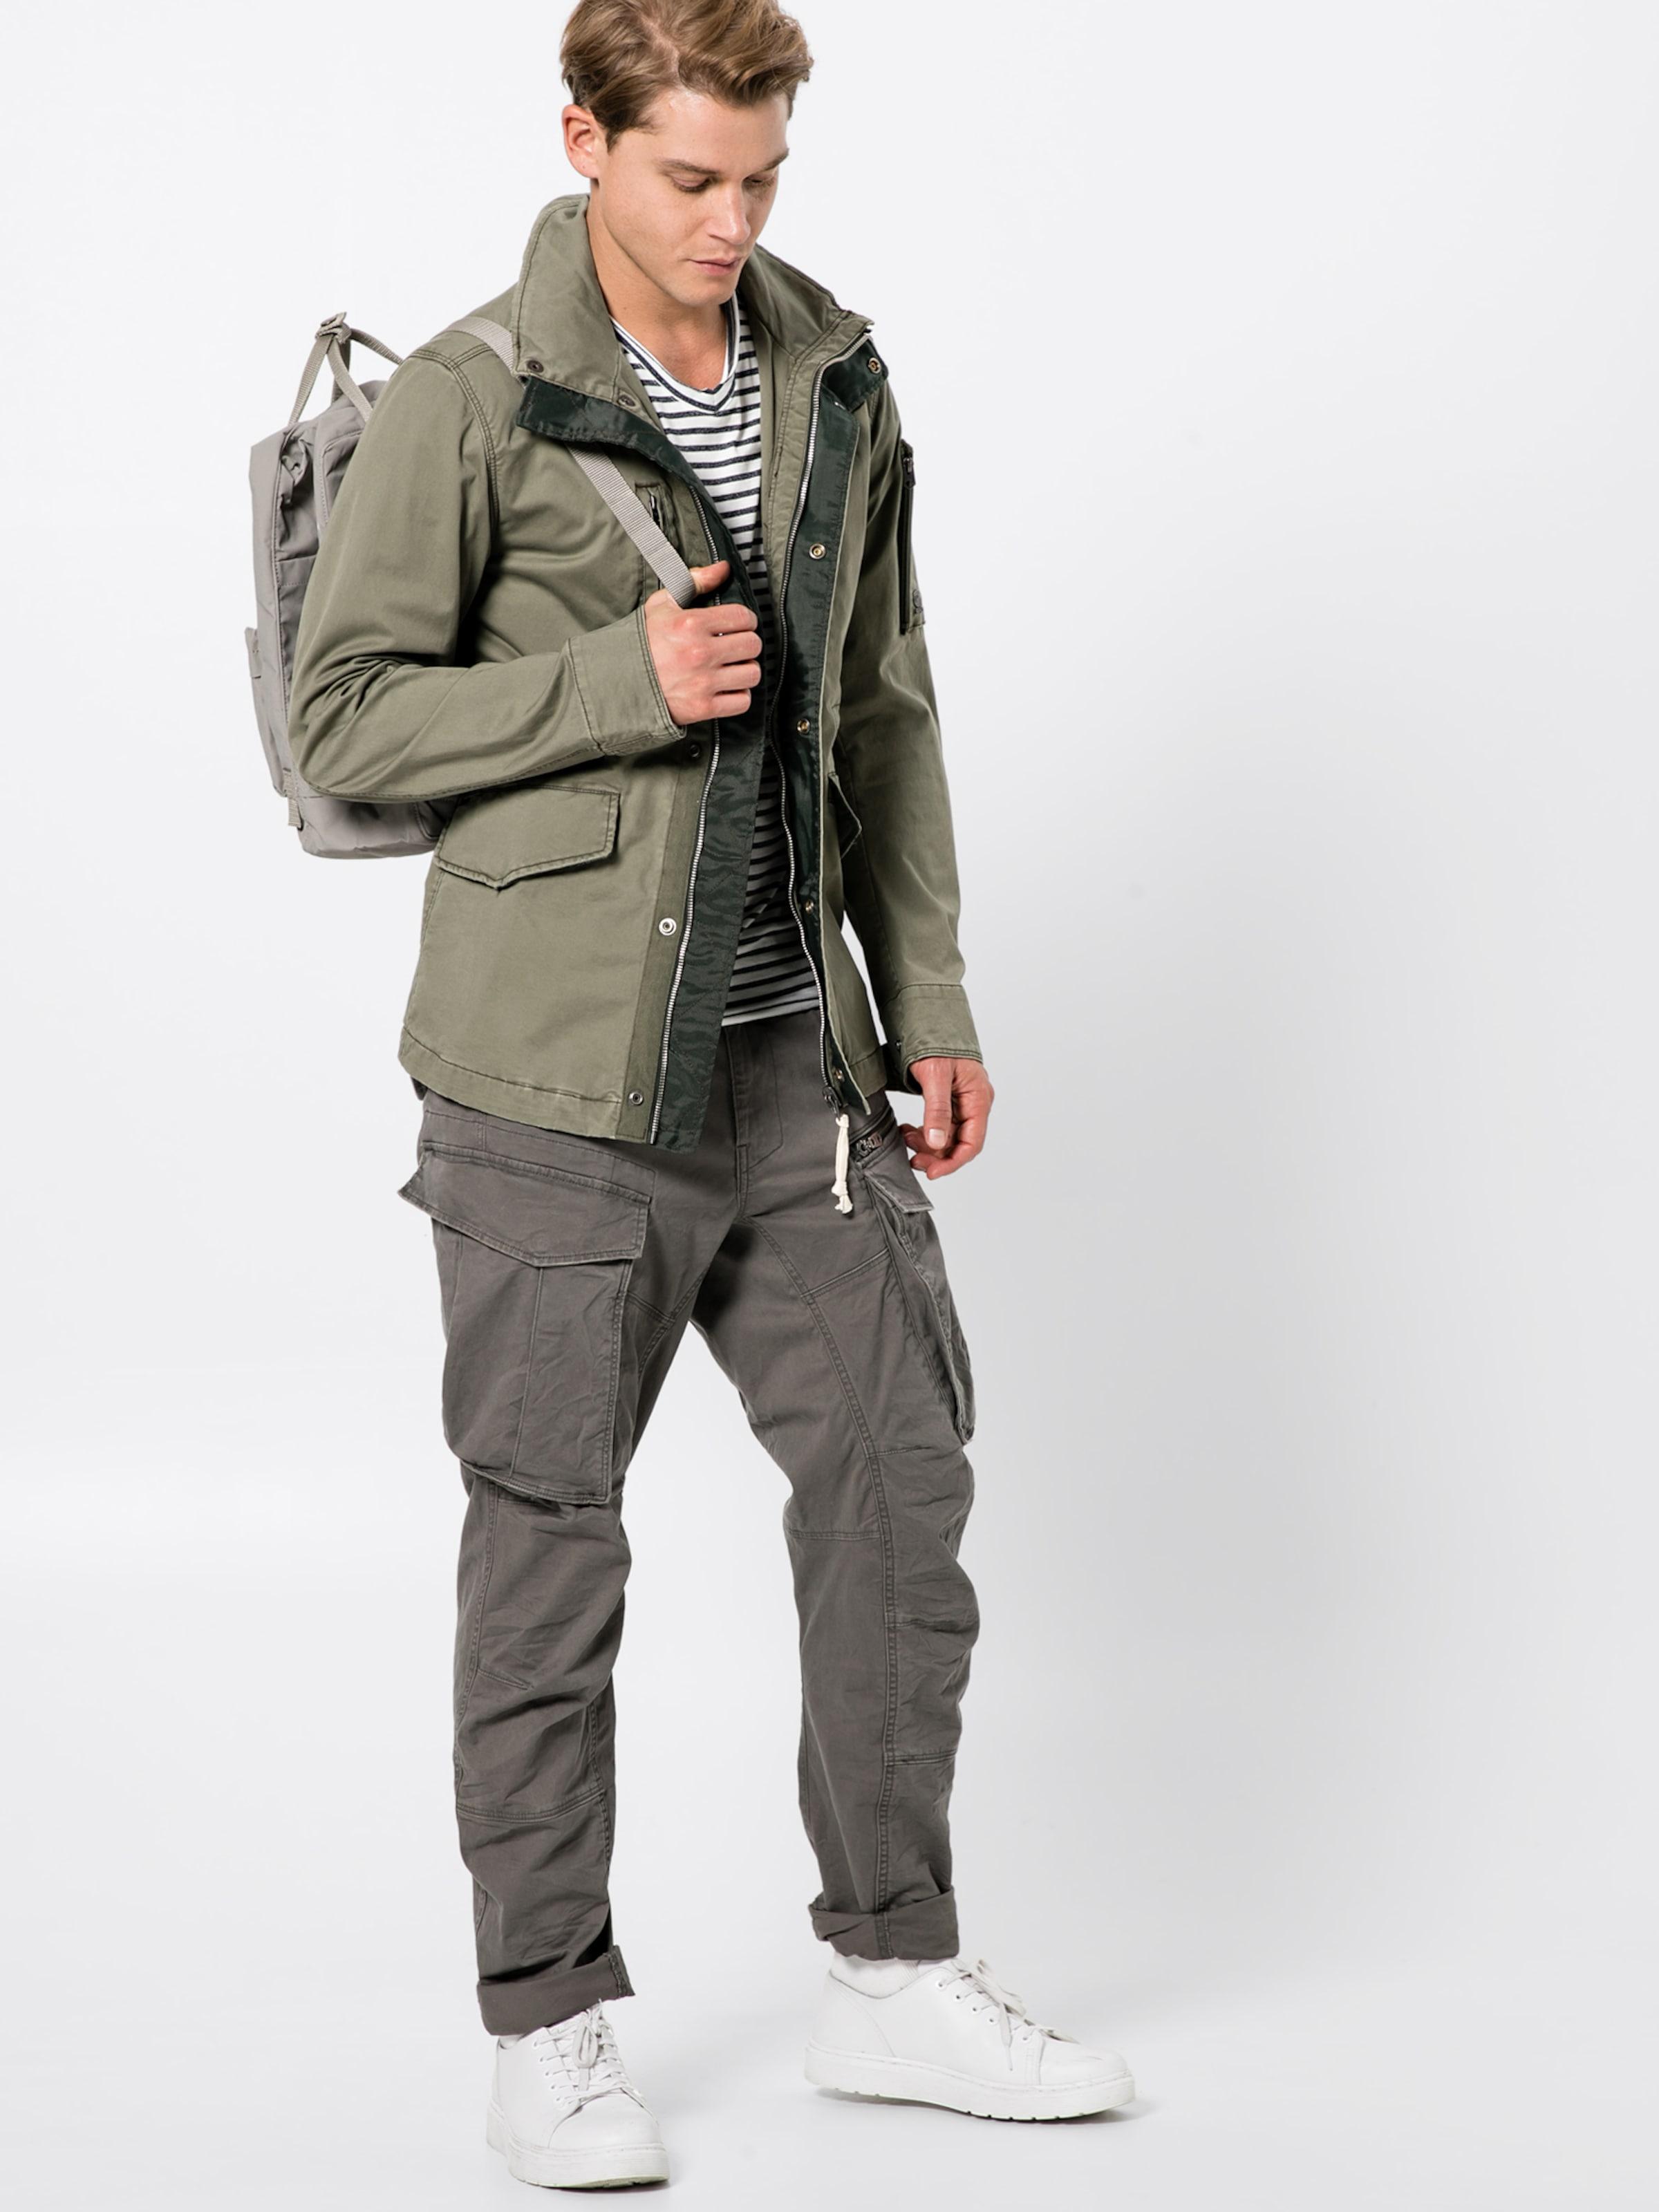 Overshirt' Veste 'vodan star En Mi Raw saison Field G Foncé Vert XZikOTPu